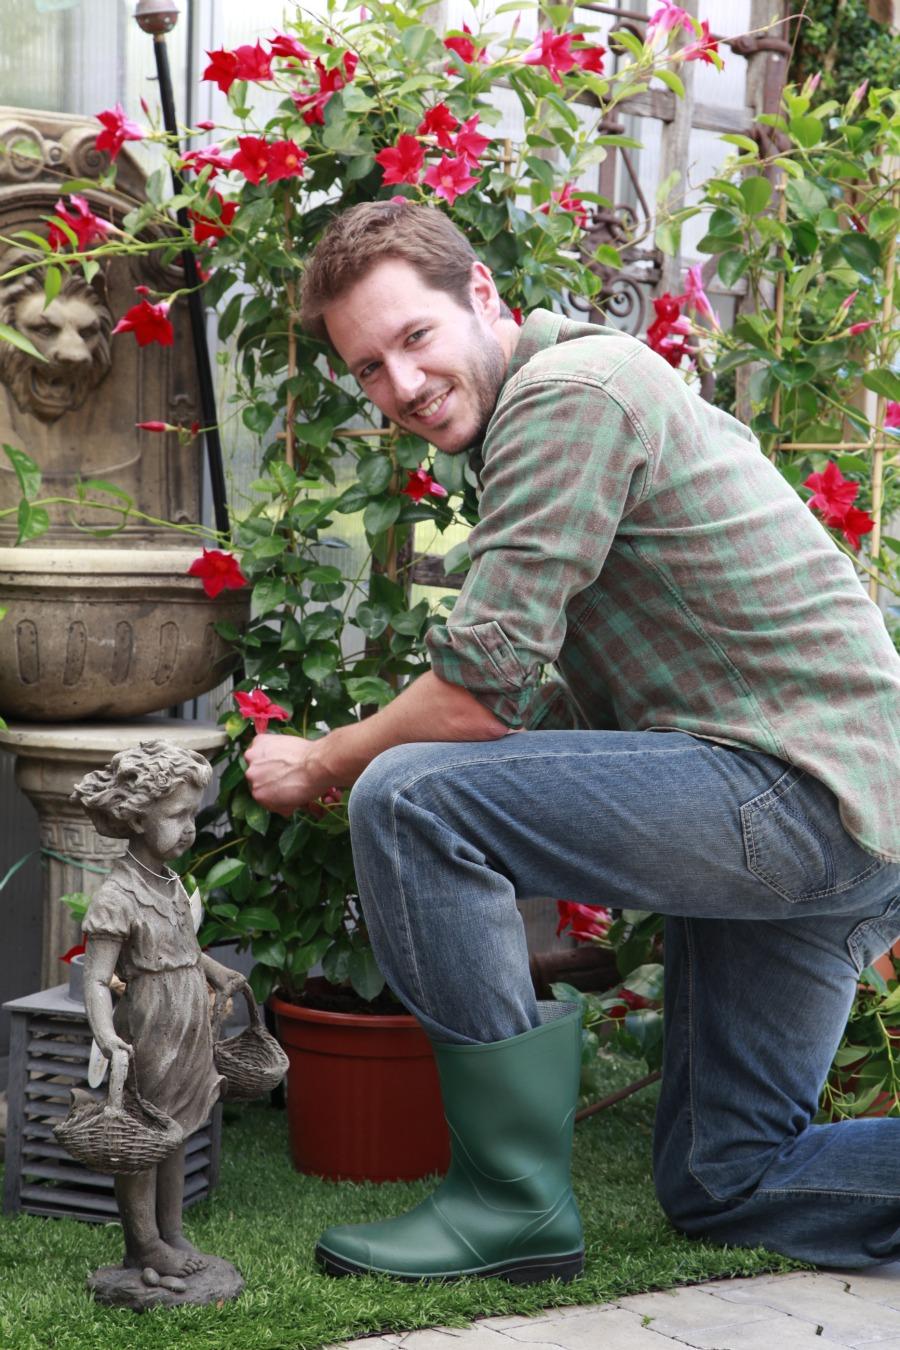 Giardino Zen Giardinieri In Affitto : Quot giardinieri in affitto nuova esilarante trasmissione